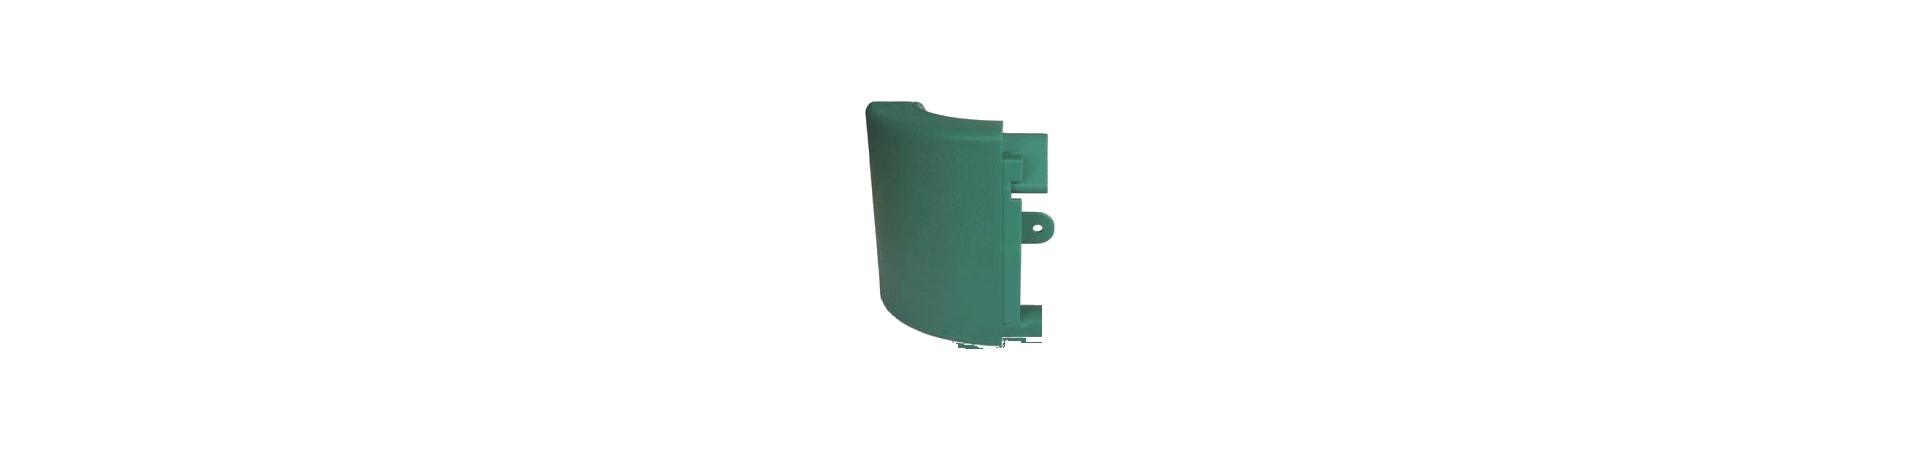 Profesjonalne odbojnice kluczem do ochrony ścian w każdym pomieszczeniu, gdzie natężony ruch może spowodować uszkodzenie ścian.